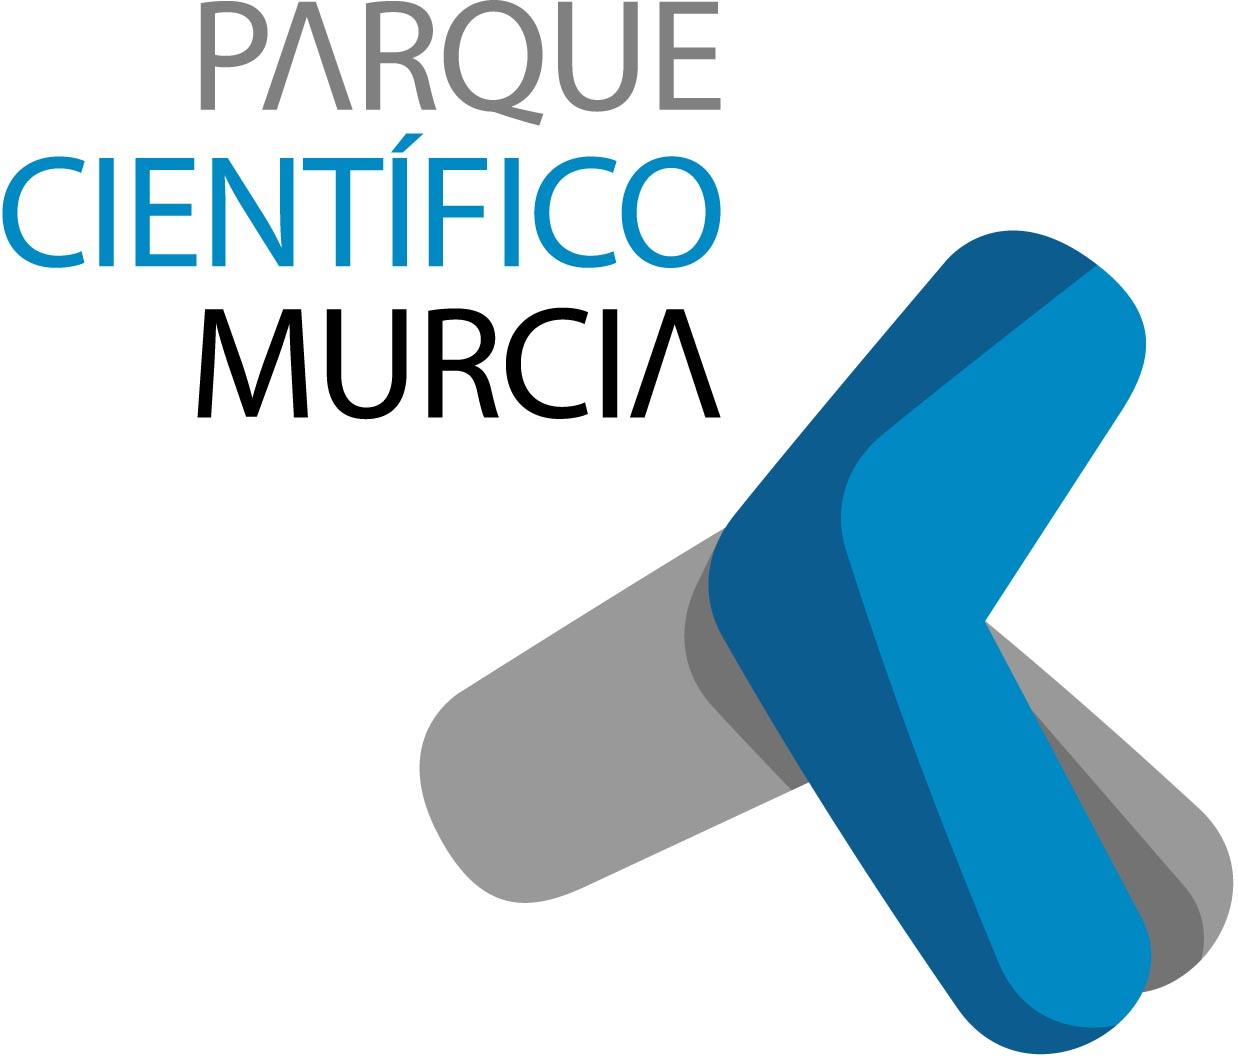 Parque Científico de Murcia